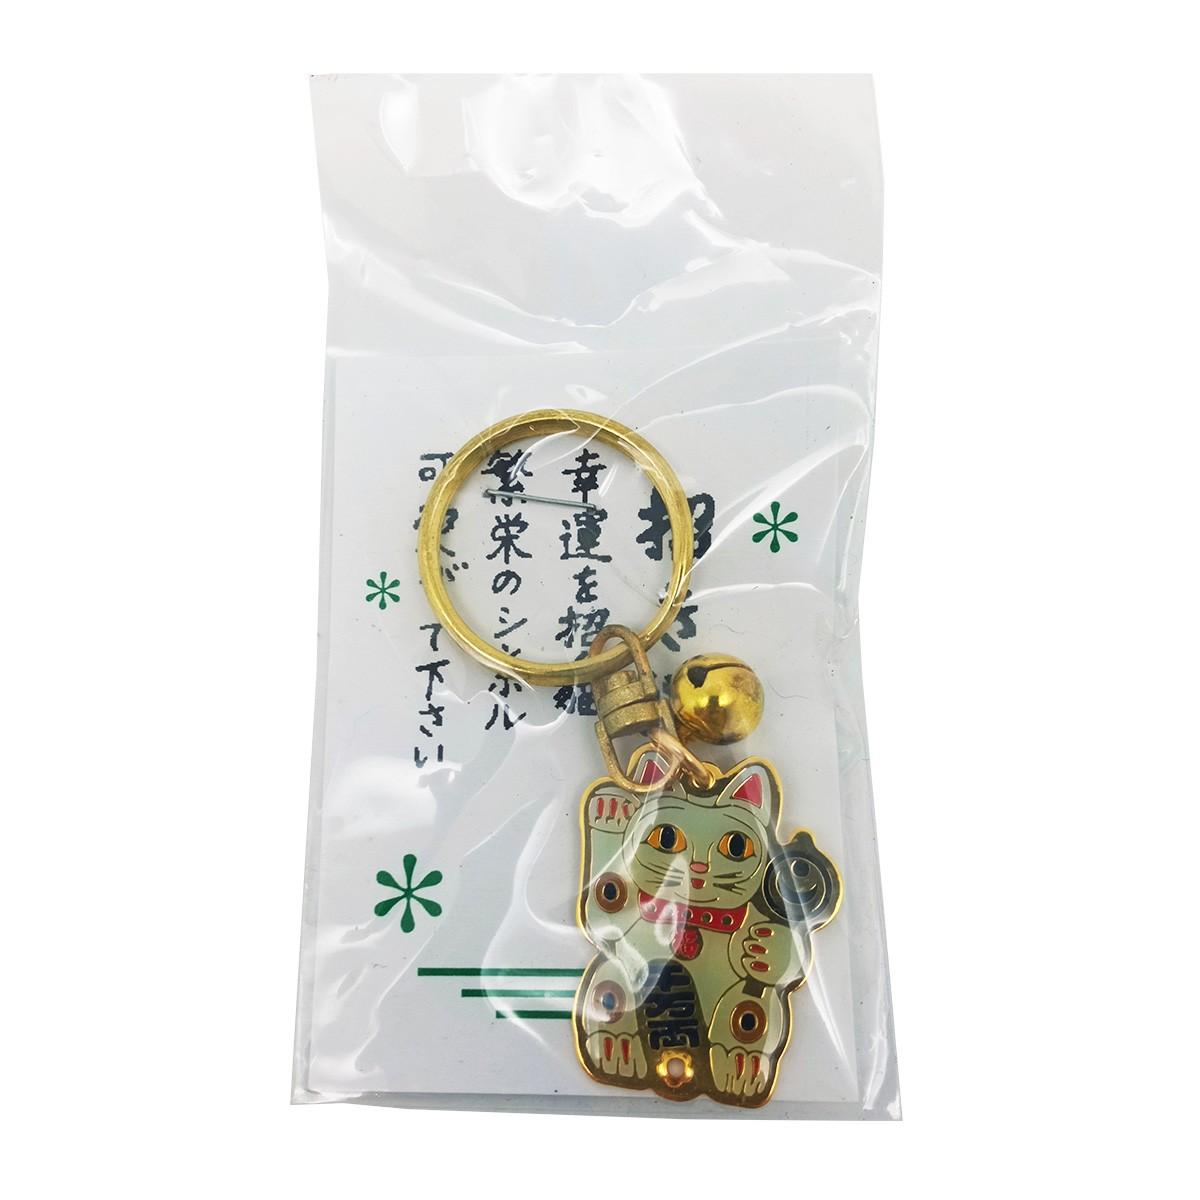 Chaveiro de Proteção Omamori - Maneki Neko